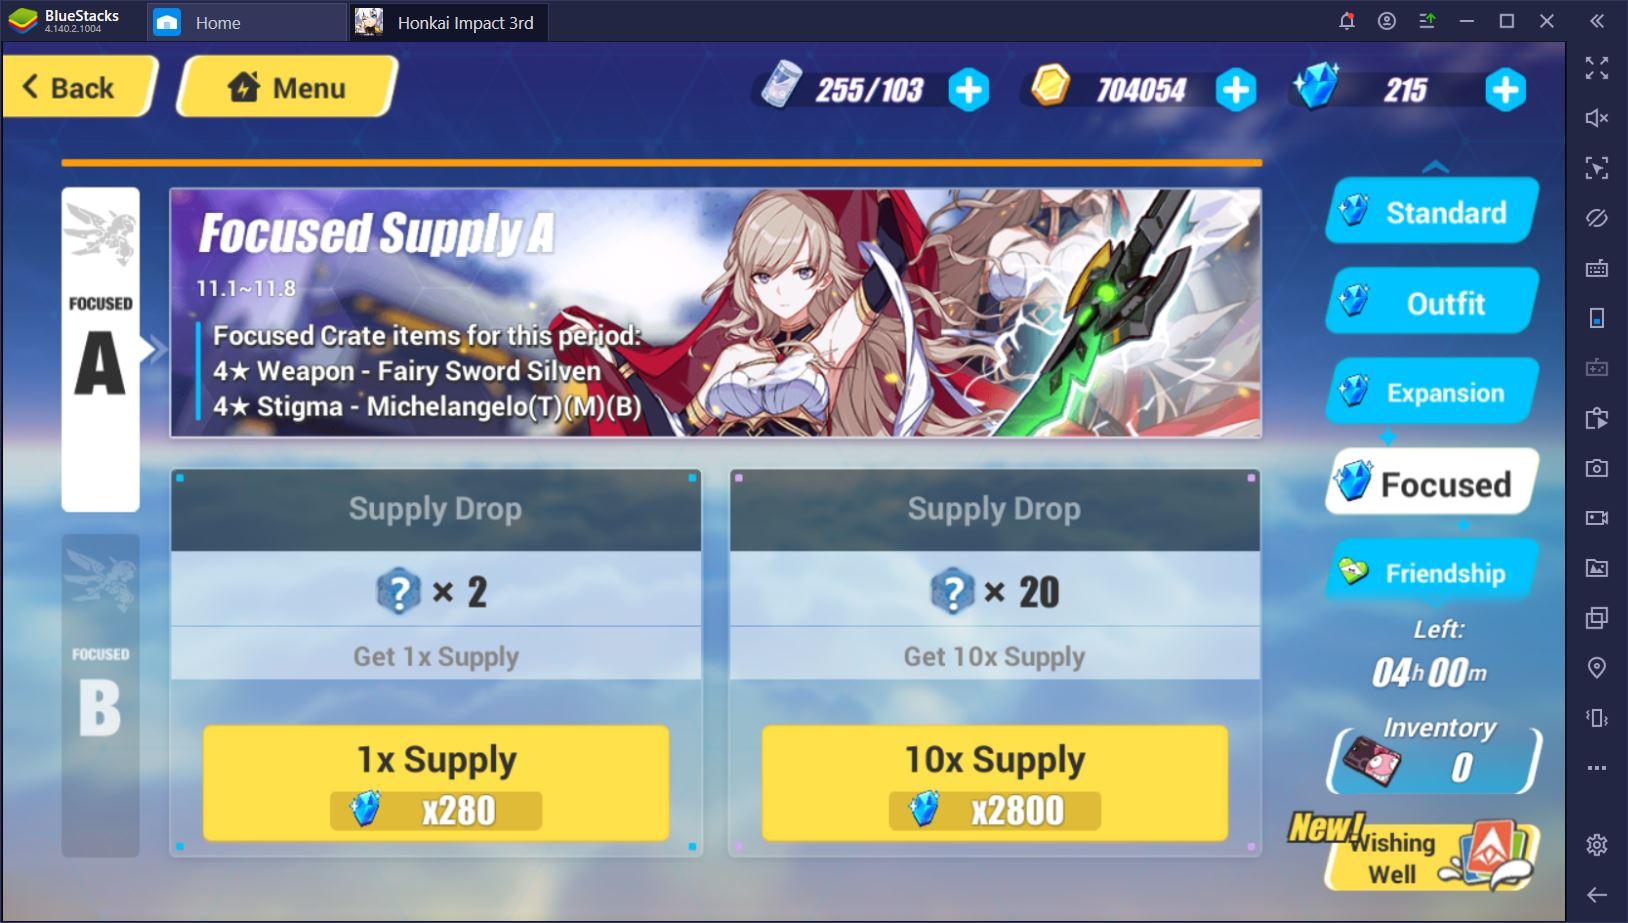 Bilgisayardan Honkai Impact 3rd Oynamak: Oyun İçi Kaynaklar